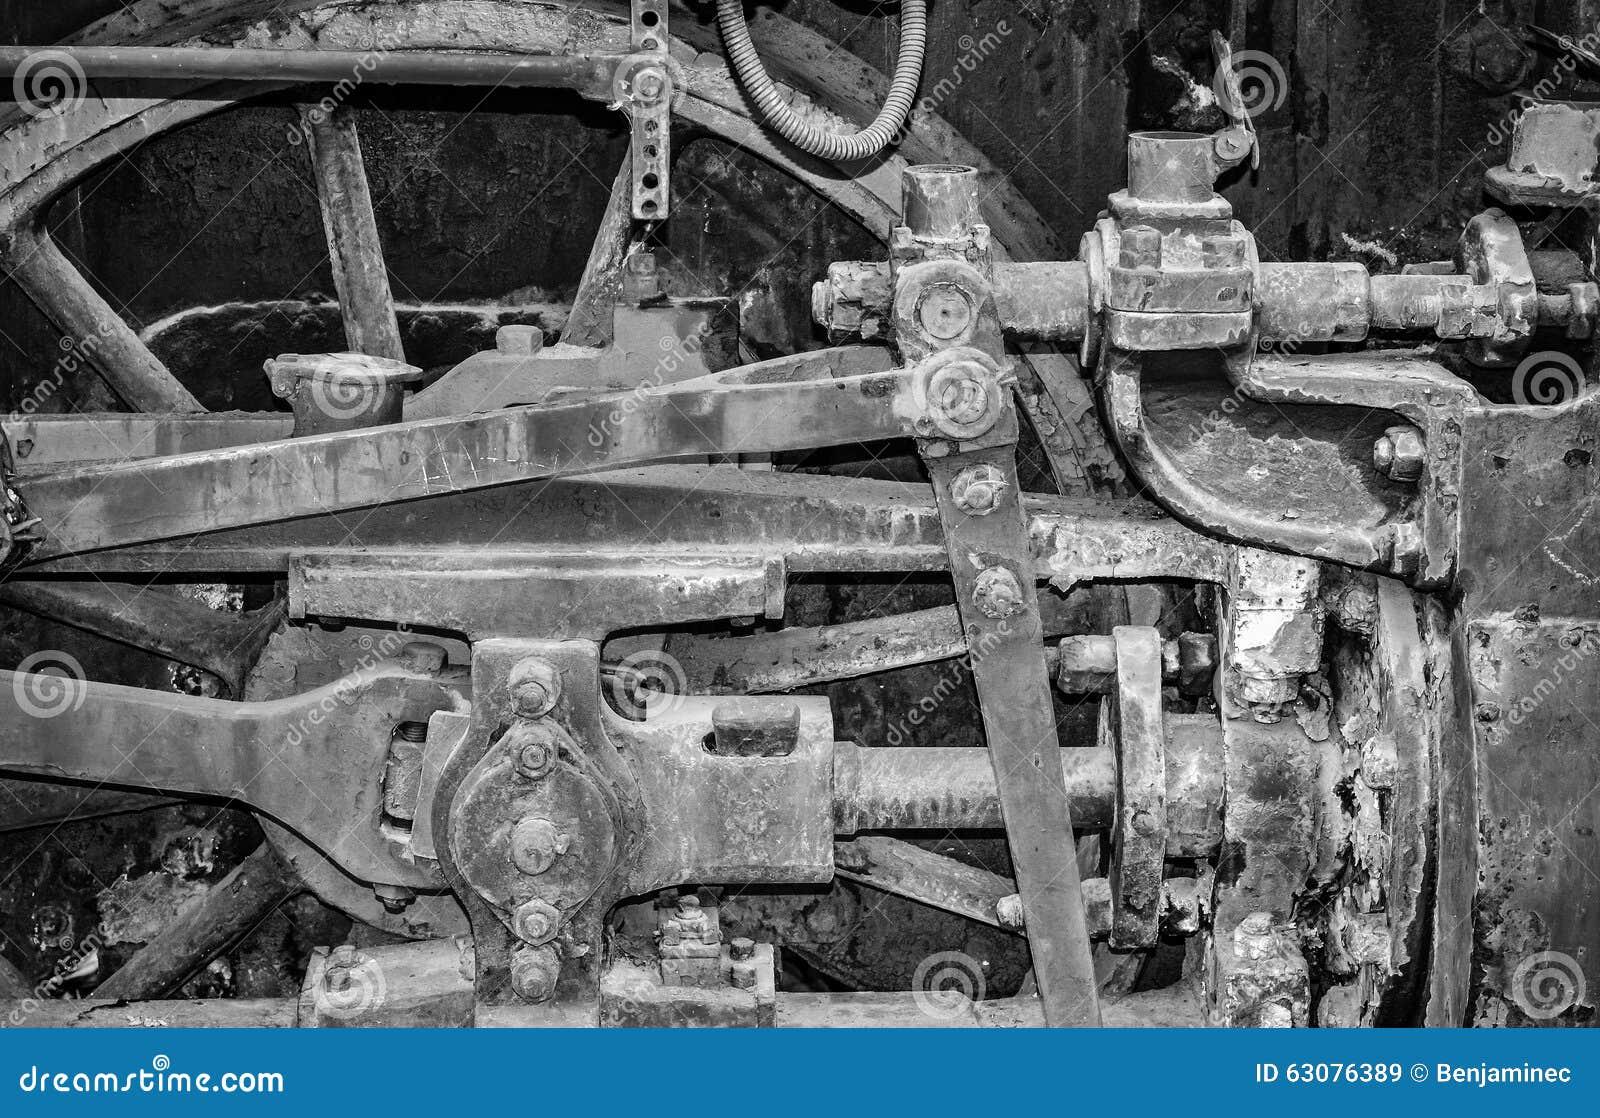 Download Détail D'une Vieille Locomotive Image stock - Image du métal, roue: 63076389